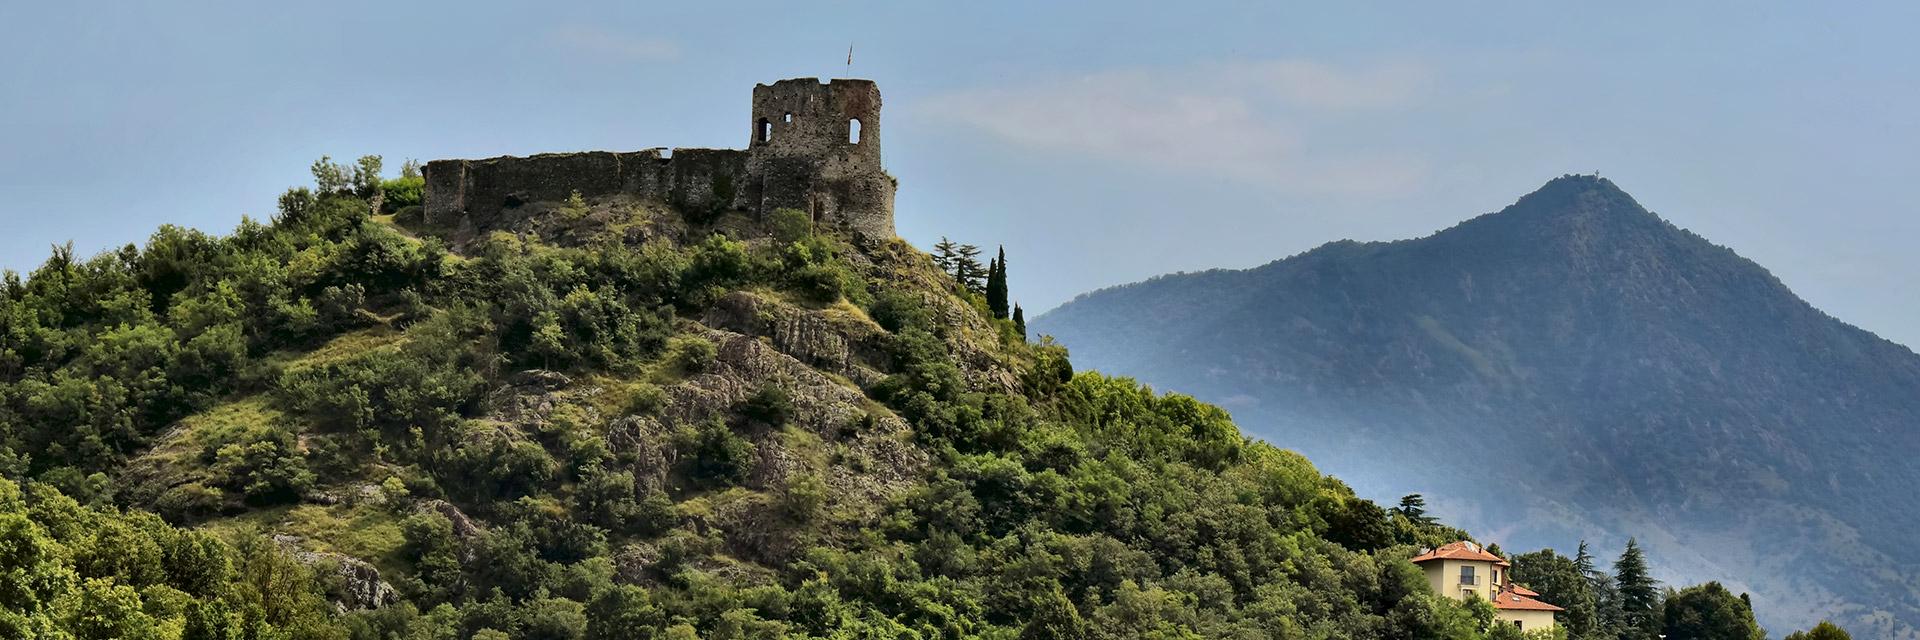 Veduta del Castello Sabaudo di Avigliana